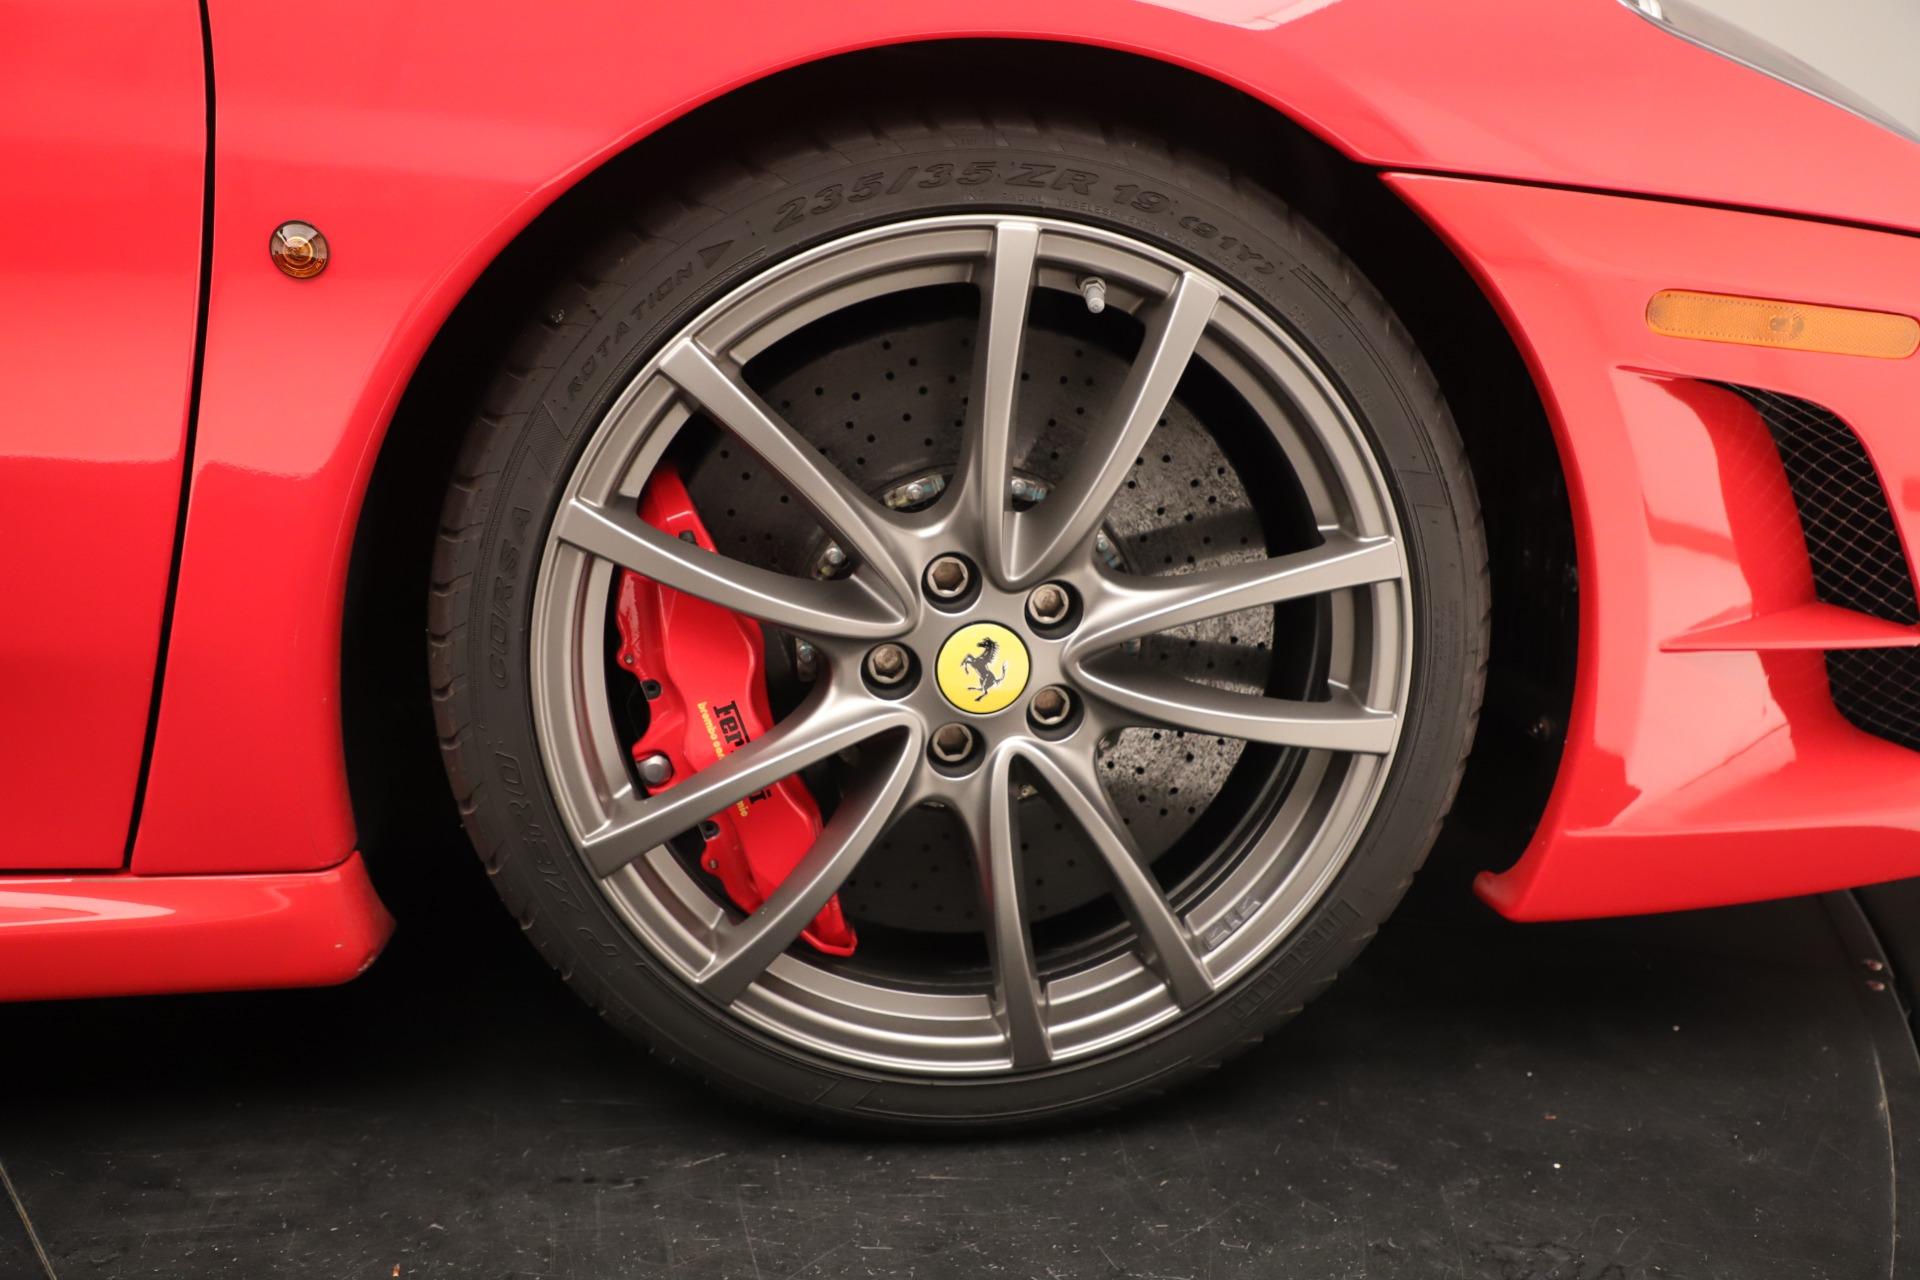 Used 2008 Ferrari F430 Scuderia For Sale In Greenwich, CT 3381_p13